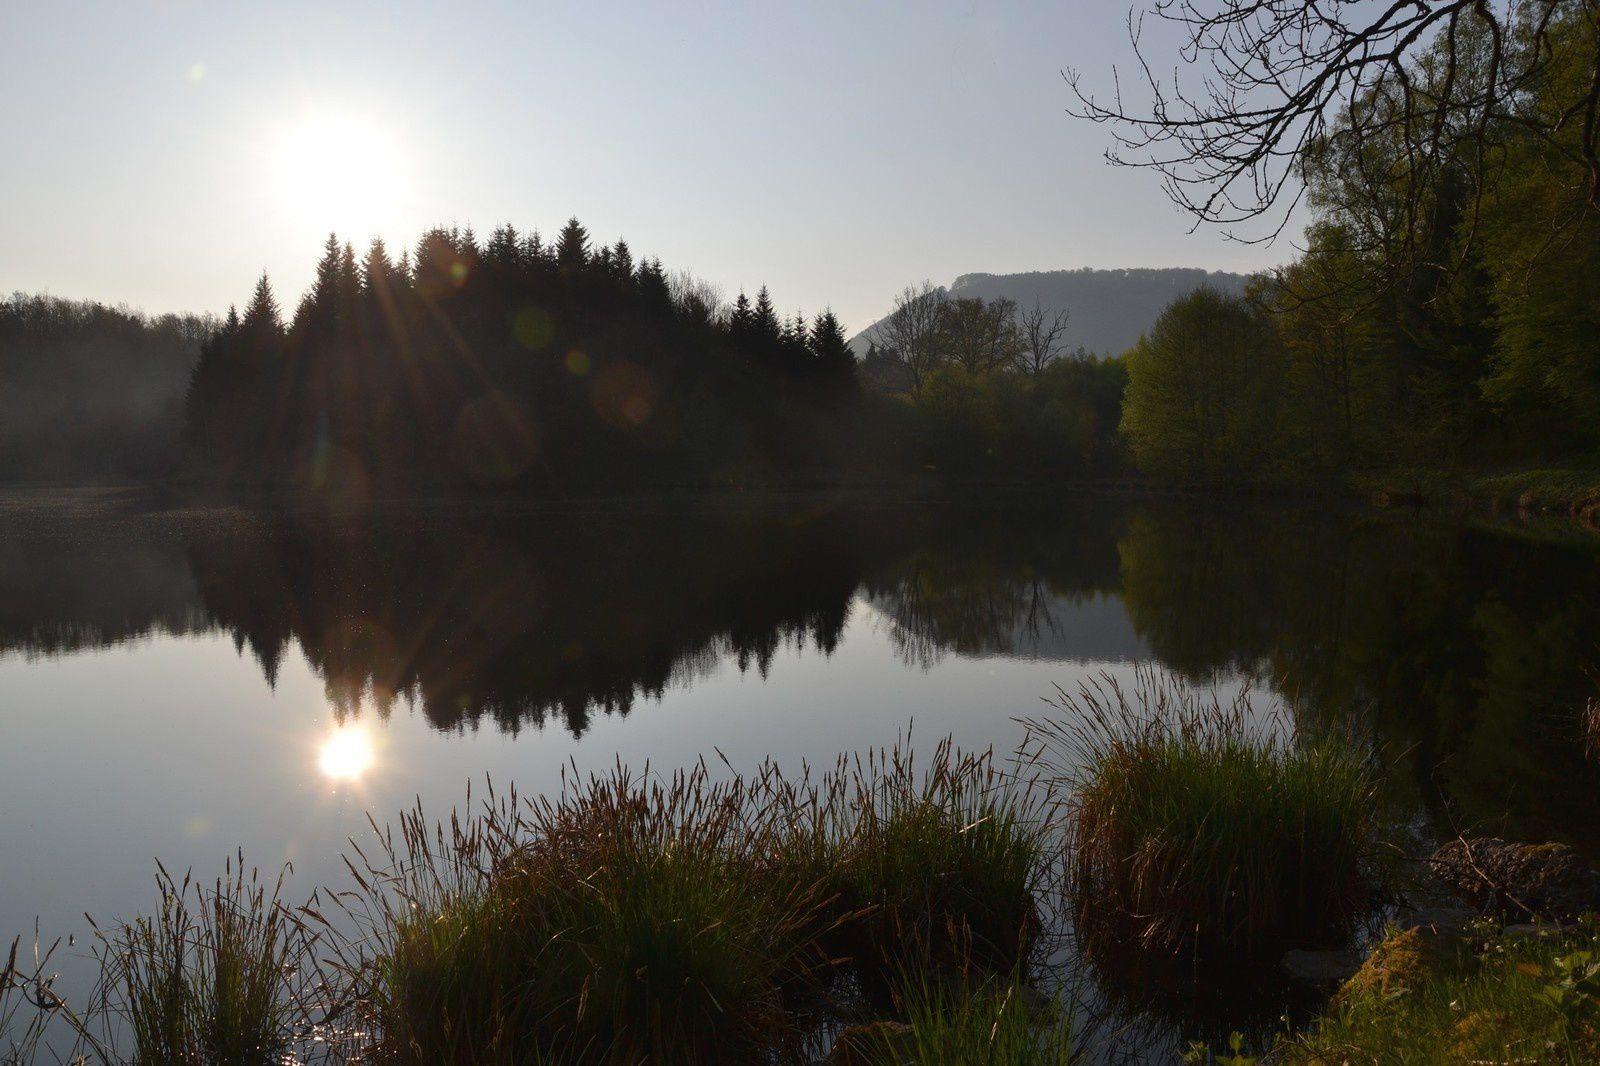 A l'étang du Rosbeck - Belonchamp, Haute-Saône